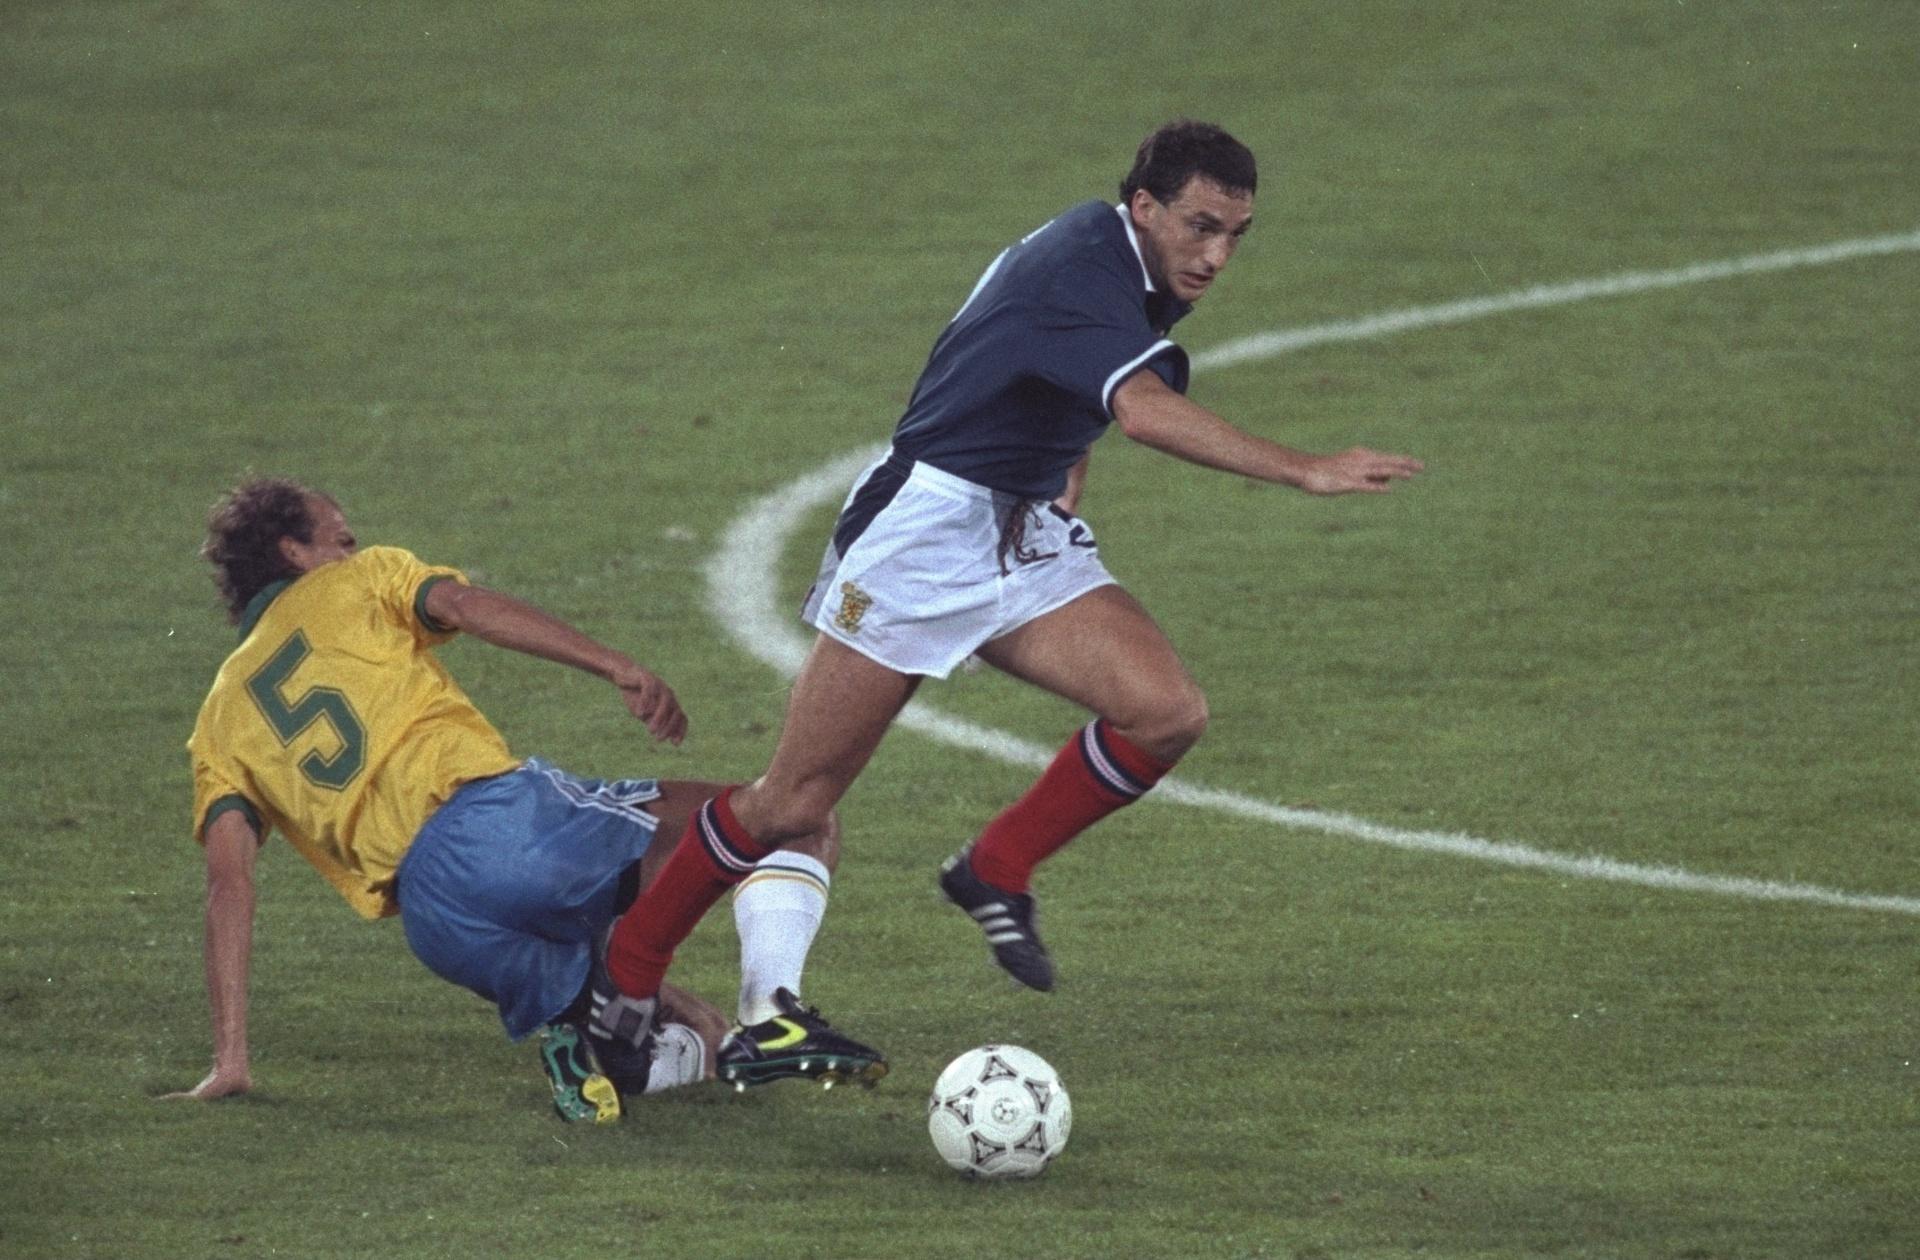 Volante Alemão na marcação de jogador da Escócia na Copa de 1990; ele procura chance como técnico